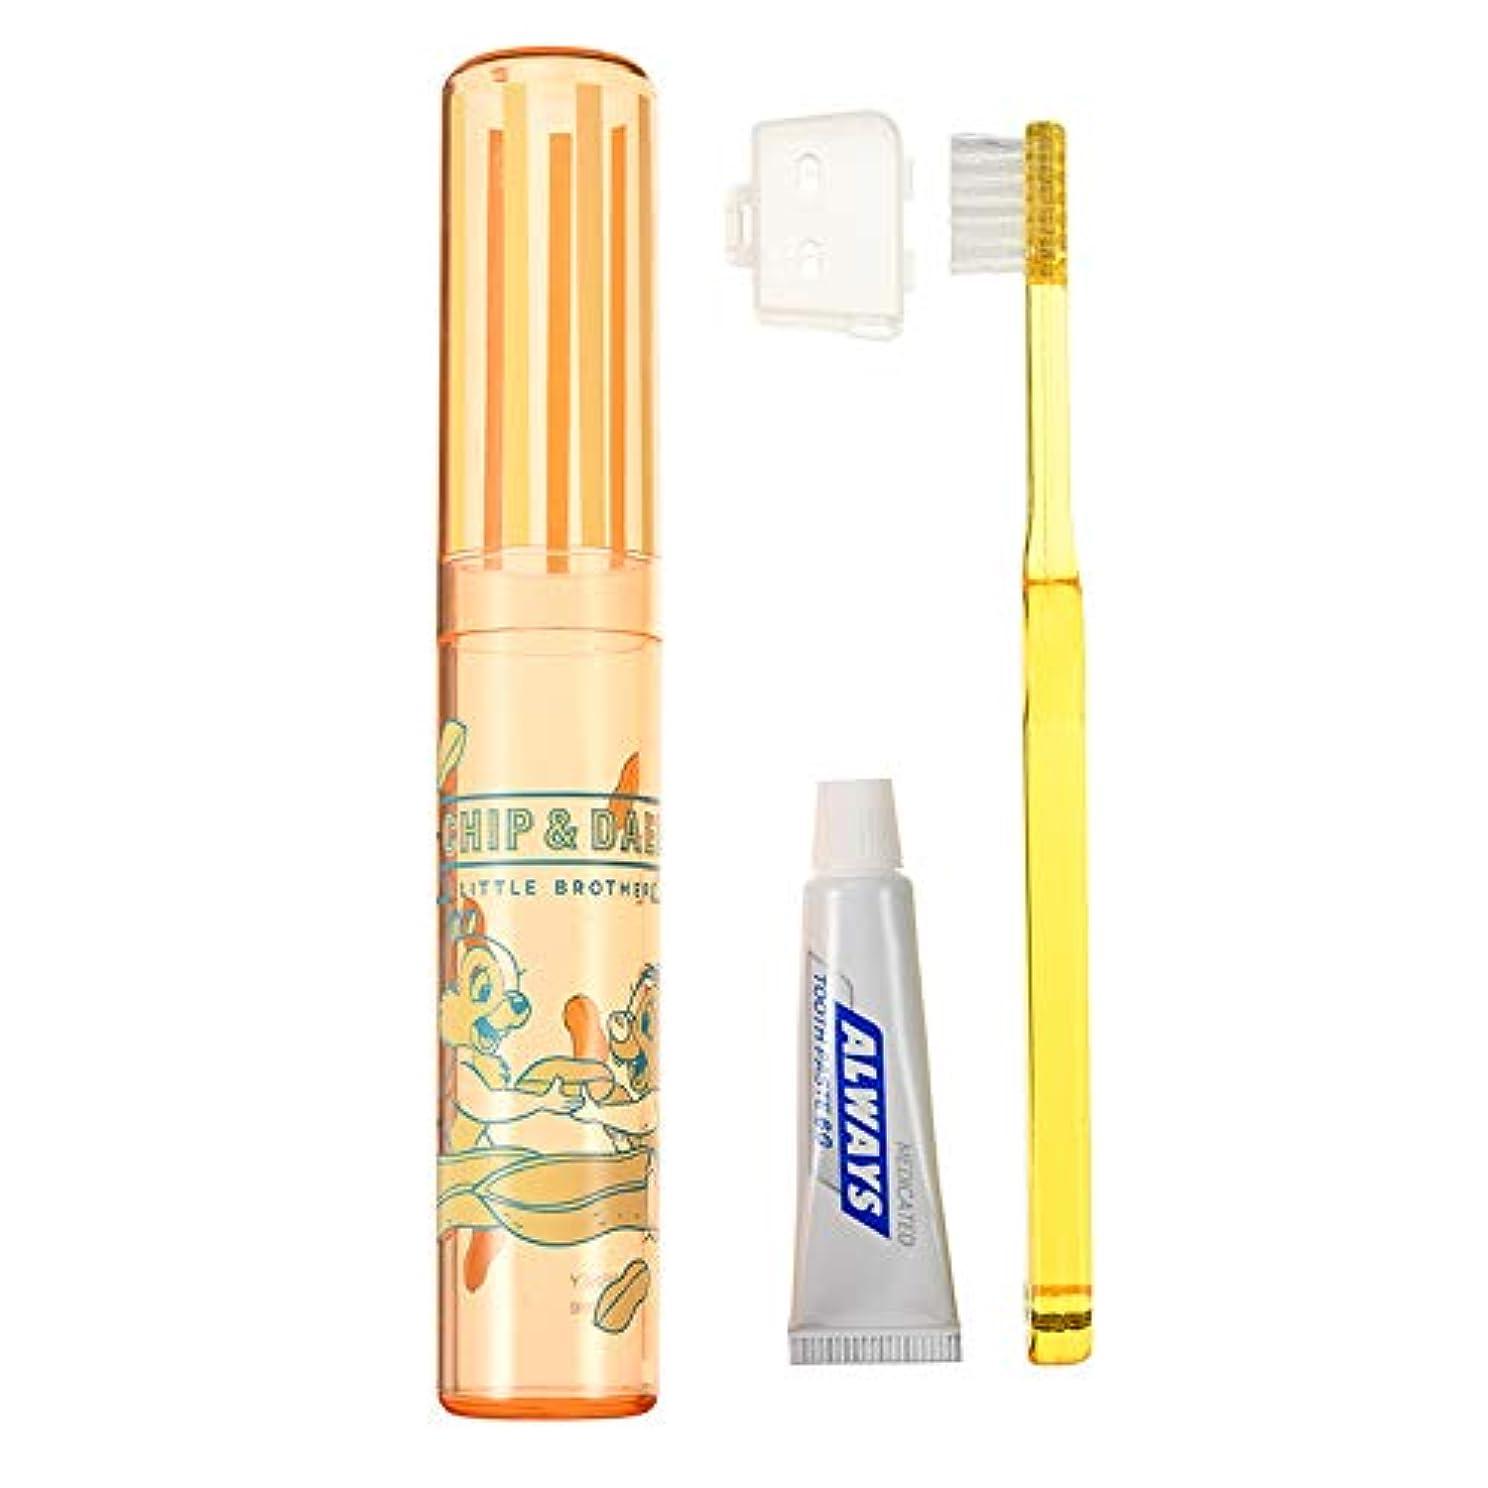 忘れっぽい曲げるハムディズニーストア(公式)歯ブラシ セット チップ&デール